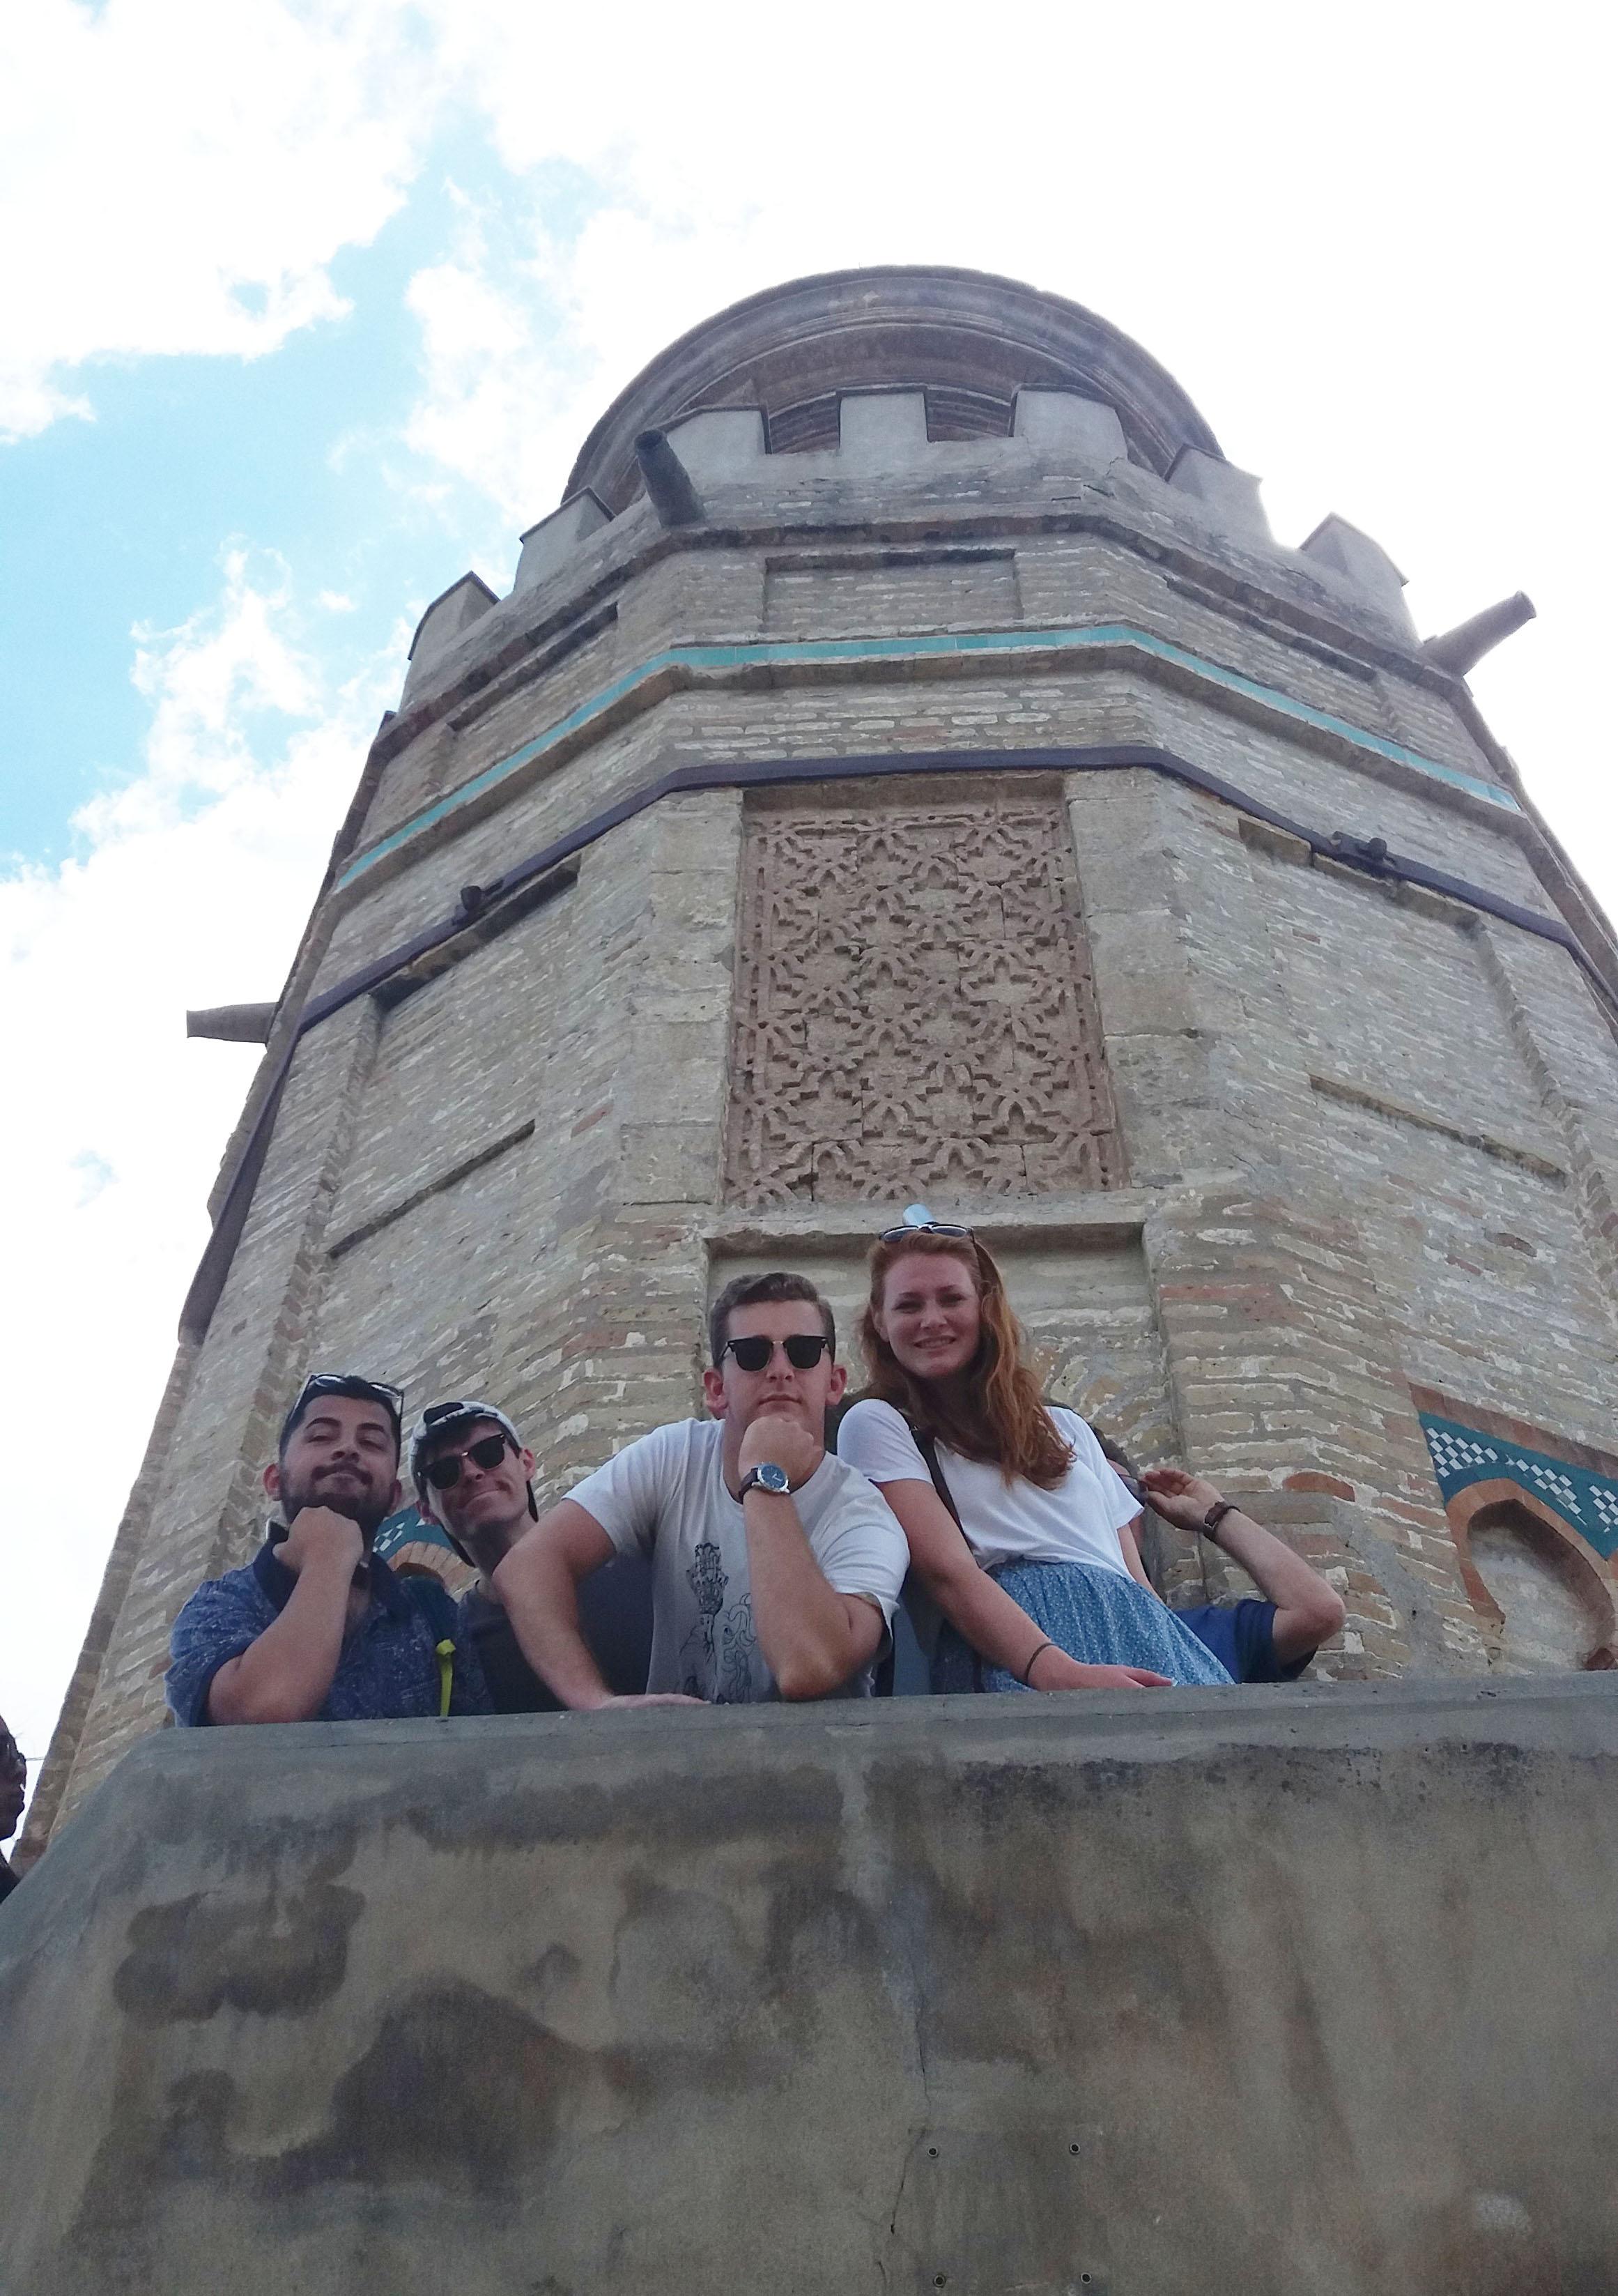 Visita Torre del Oro de Sevilla